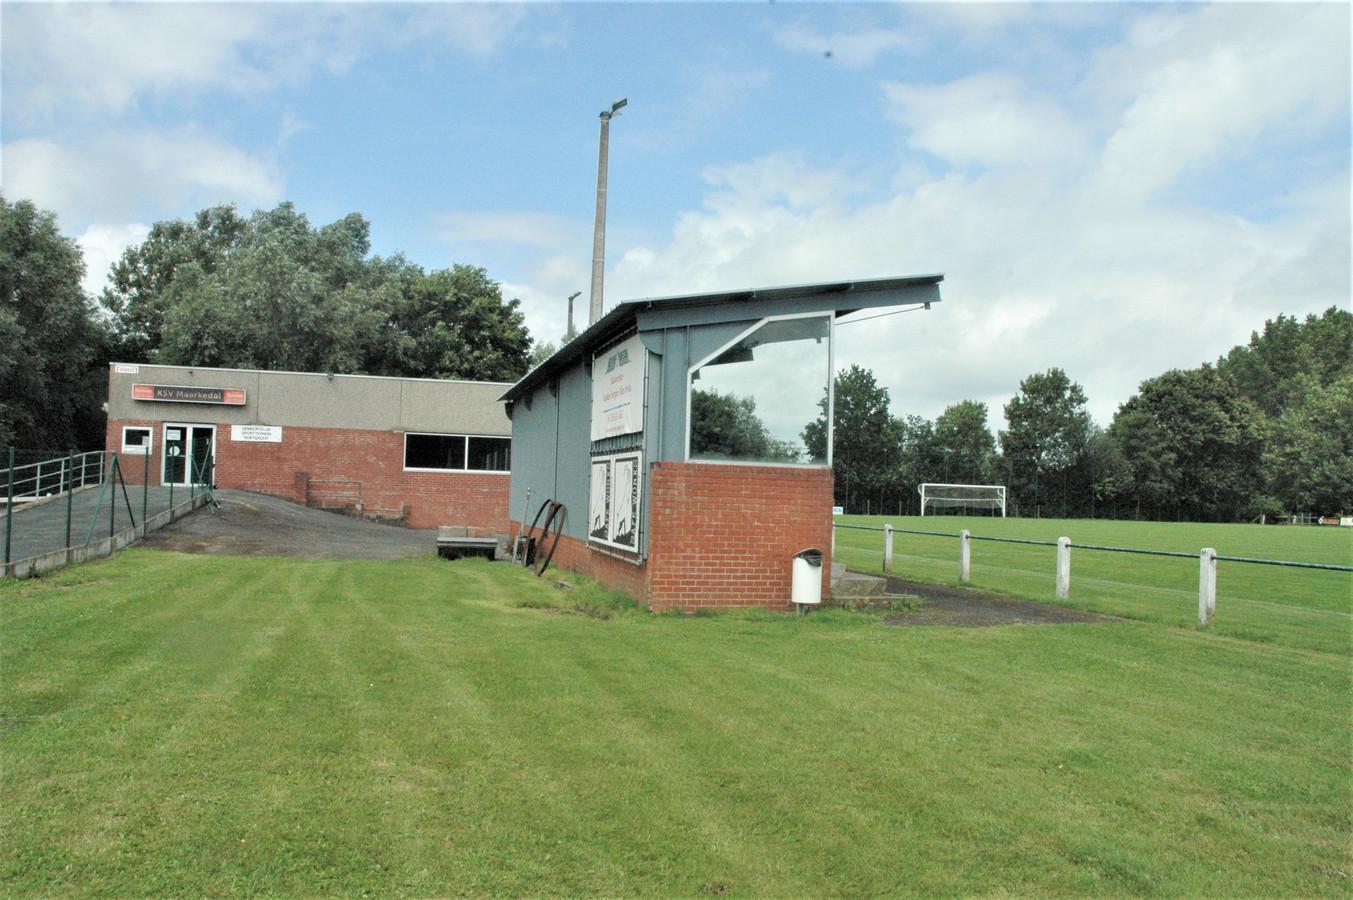 Het voetbalterrein van SV Maarkedal op de Kortekeer. De plannen voor een sportpark blijven voor beroering zorgen.